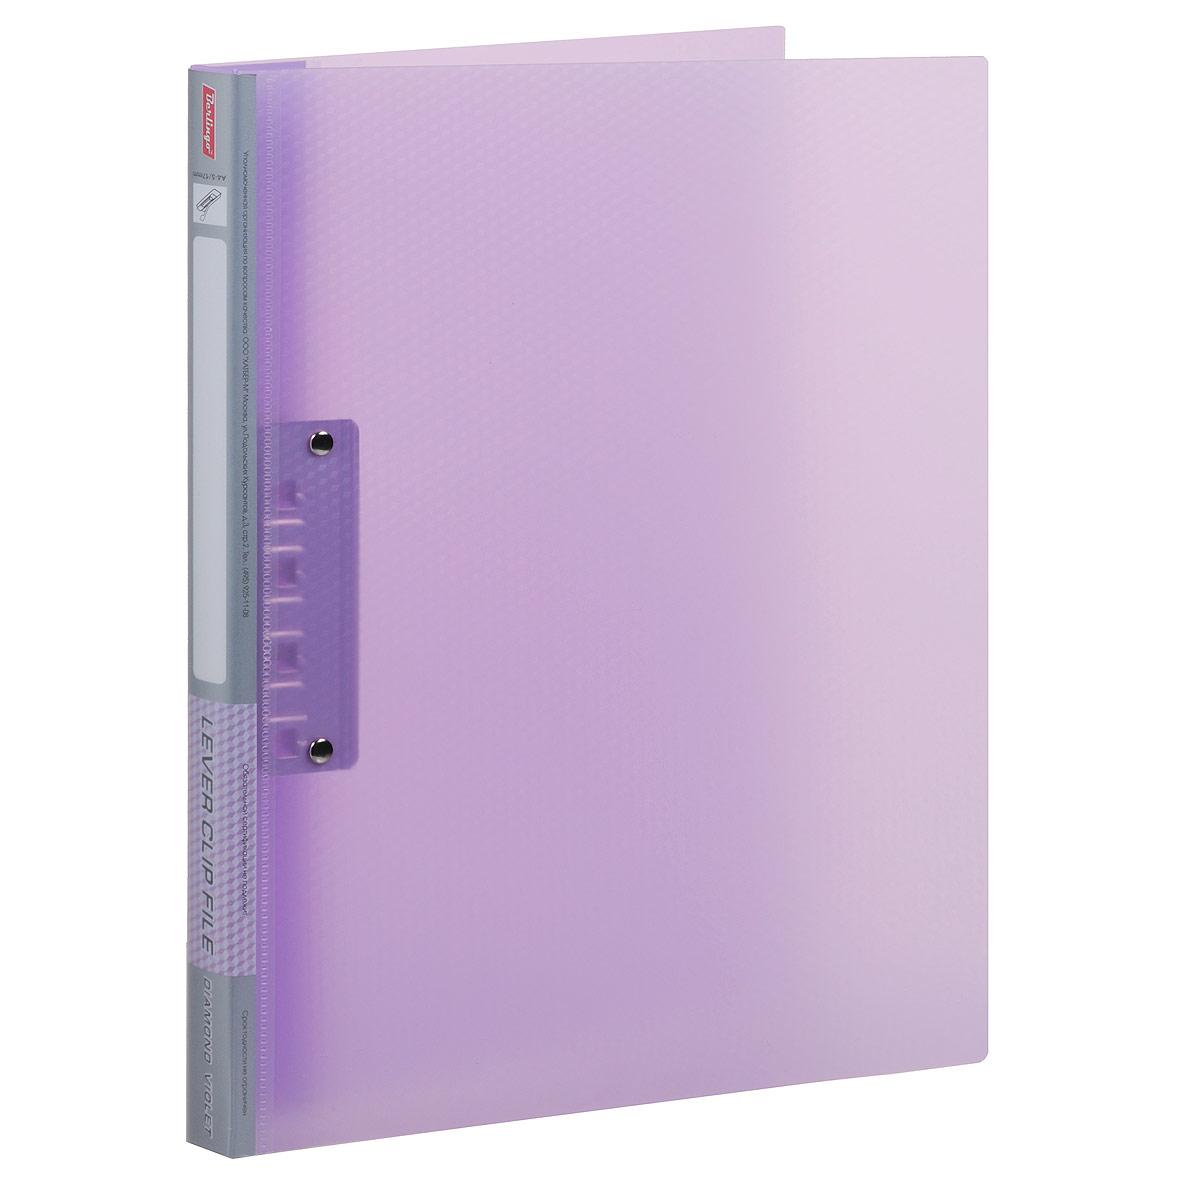 Папка с боковым зажимом Berlingo, цвет: фиолетовый. Формат А4ACp_01007Папка Berlingo - это удобный и практичный офисный инструмент, предназначенный для бережного хранения и транспортировки без перфорации рабочих бумаг и документов формата А4. Папка изготовлена из полупрозрачного фактурного пластика толщиной 0,7 см, оснащена не повреждающим бумагу металлическим прижимным механизмом и дополнена прозрачным кармашком на корешке со съемной этикеткой для маркировки. Папка надежно сохранит ваши документы и сбережет их от повреждений, пыли и влаги. Толщина папки - 1,7 см.